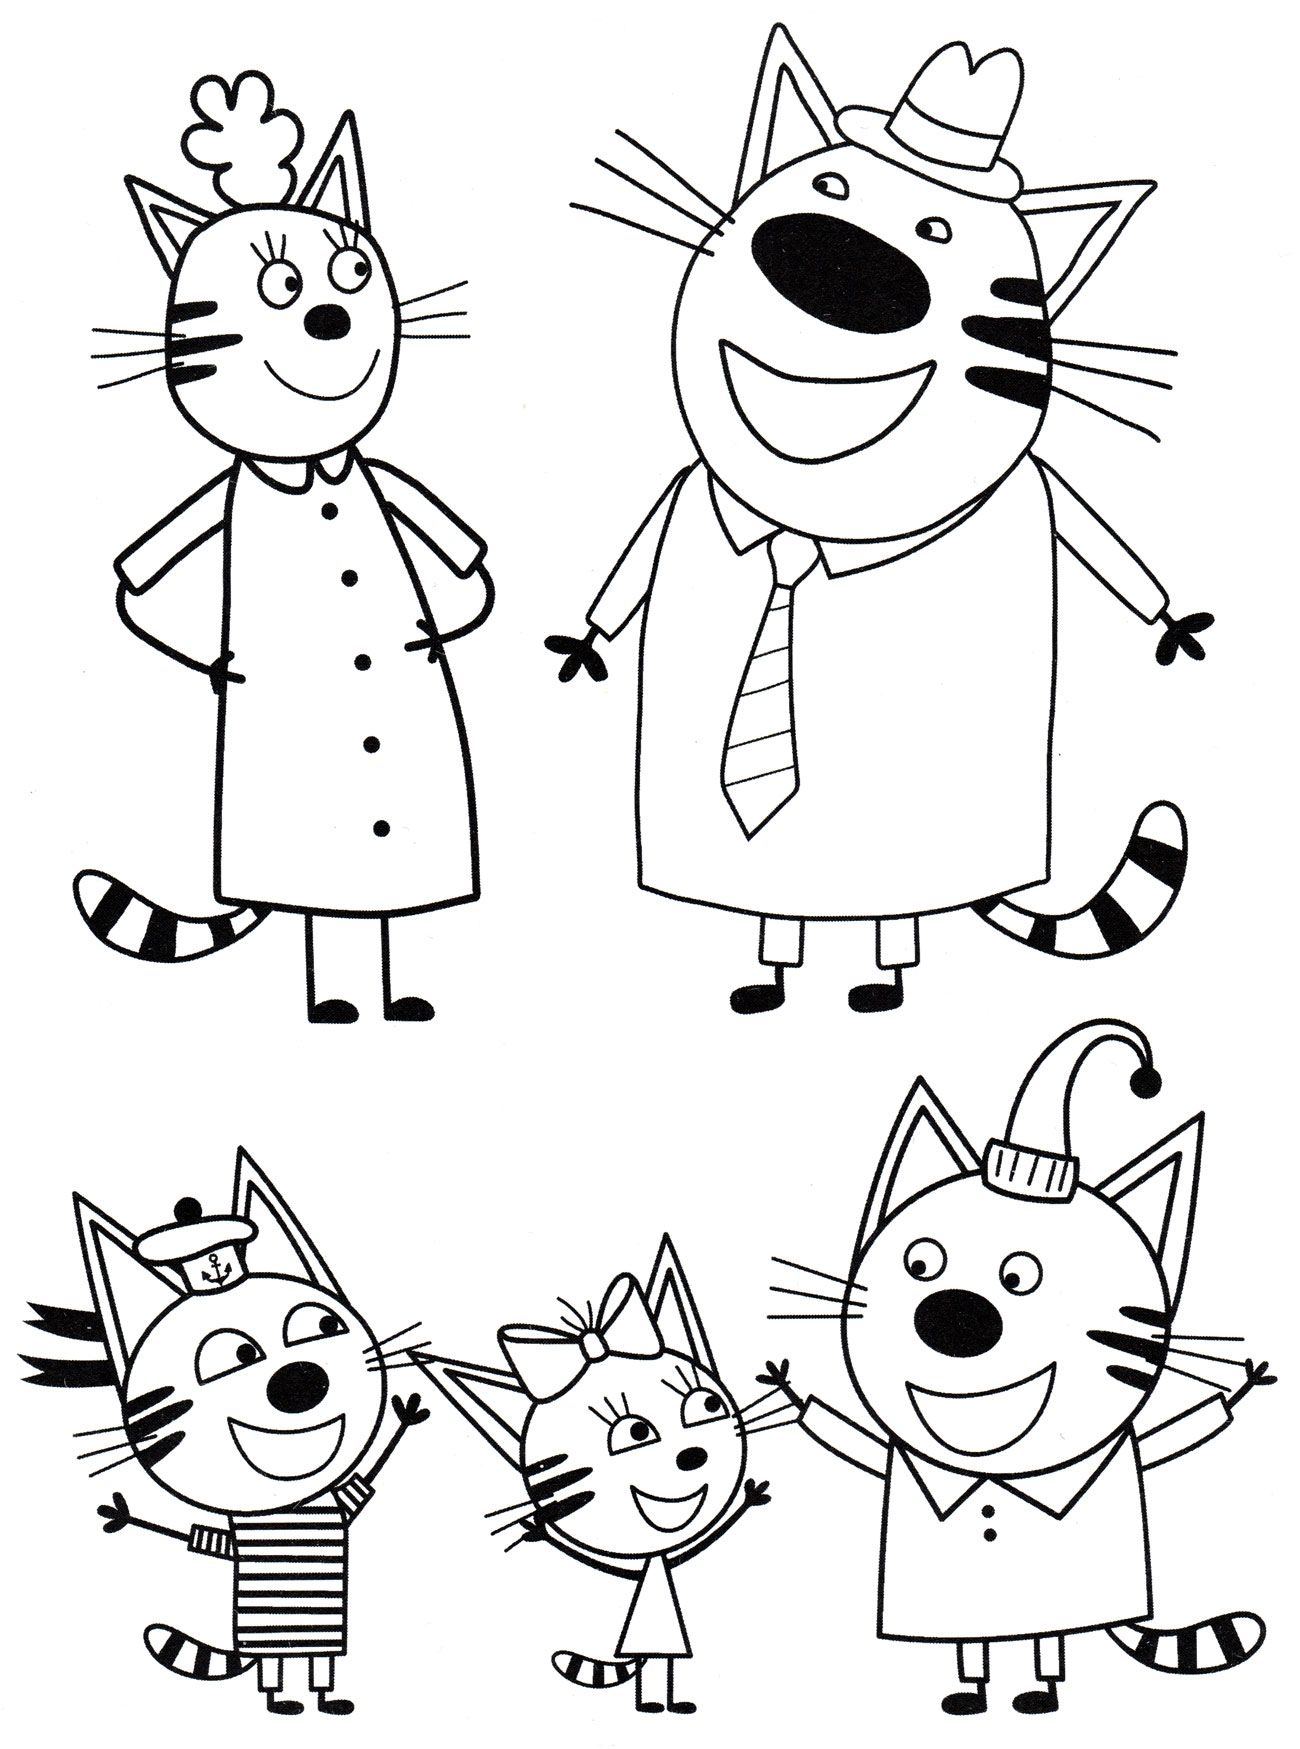 Раскраски «Три кота» - «Вся семья» | Раскраски, Бесплатные ...